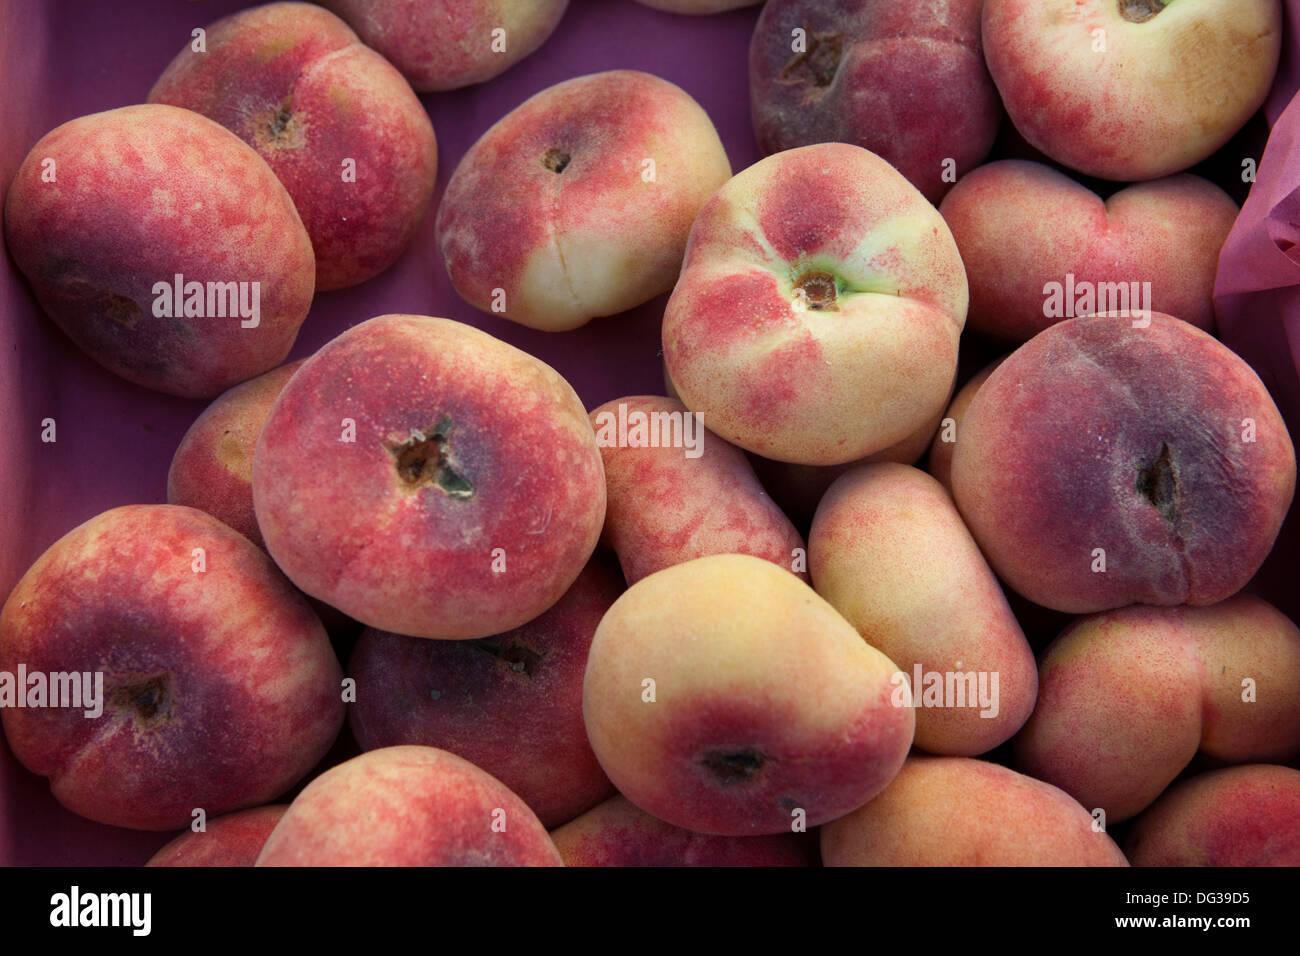 Saturn Pfirsiche oder Donut (Donut) Pfirsiche, Prunus Persica var. Platycarpa, an einem Marktstand, Hannover, Niedersachsen, Deutschland Stockbild